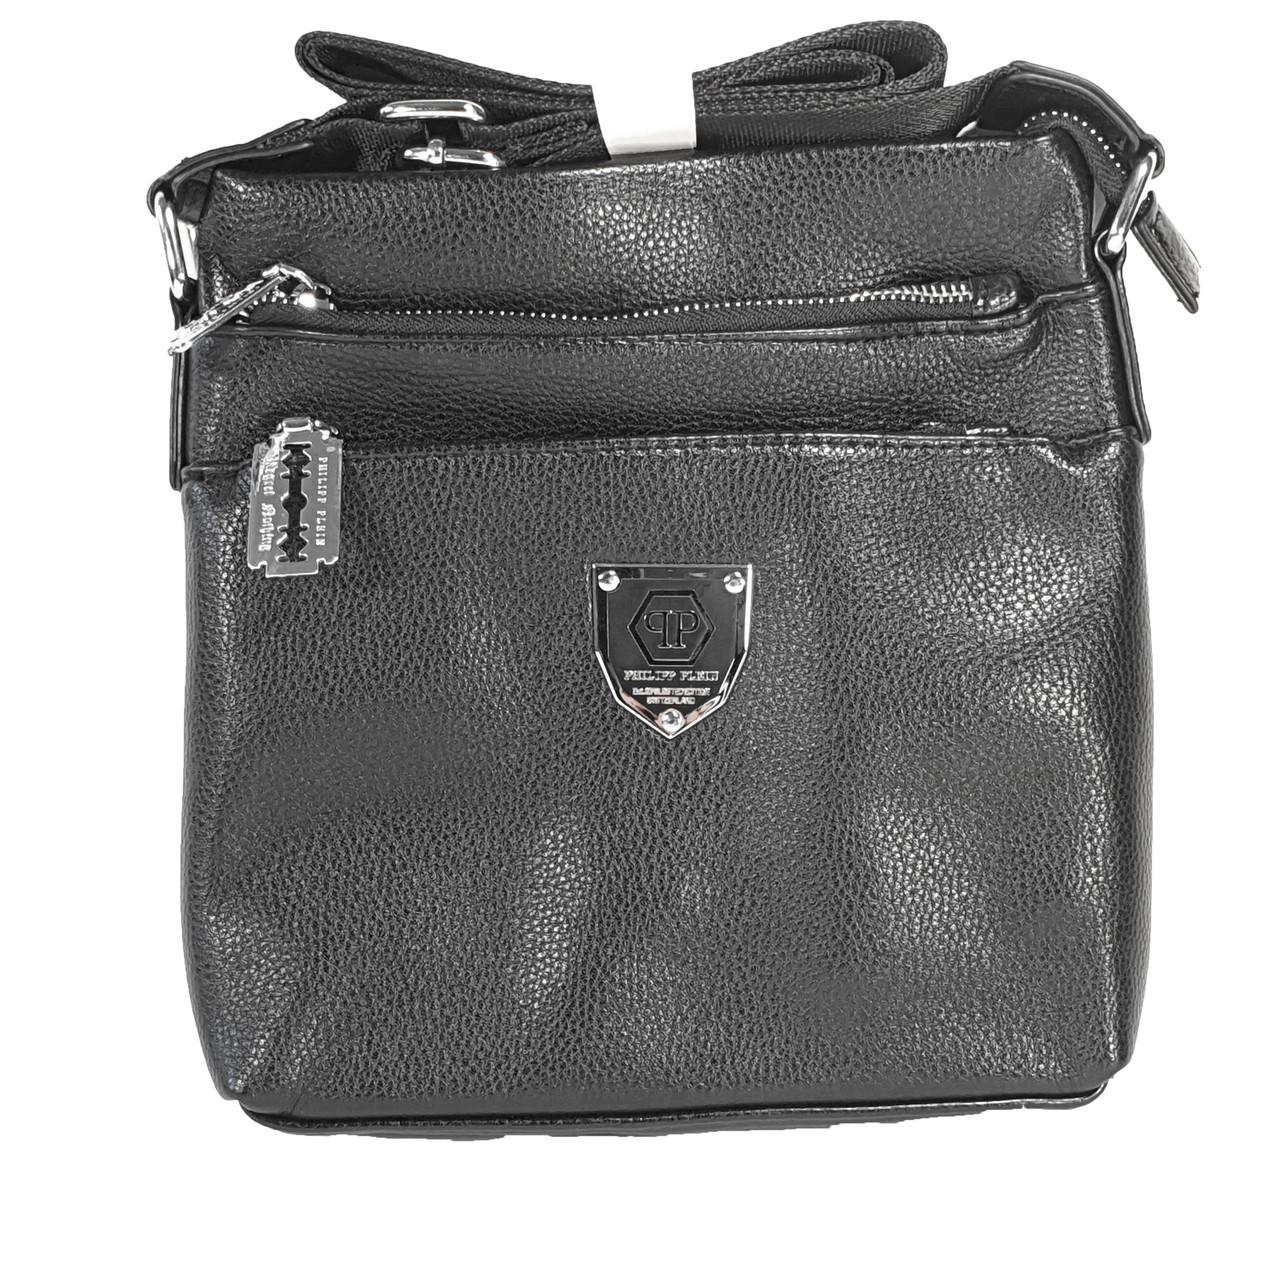 Односекционная сумка сумка Philipp Plein